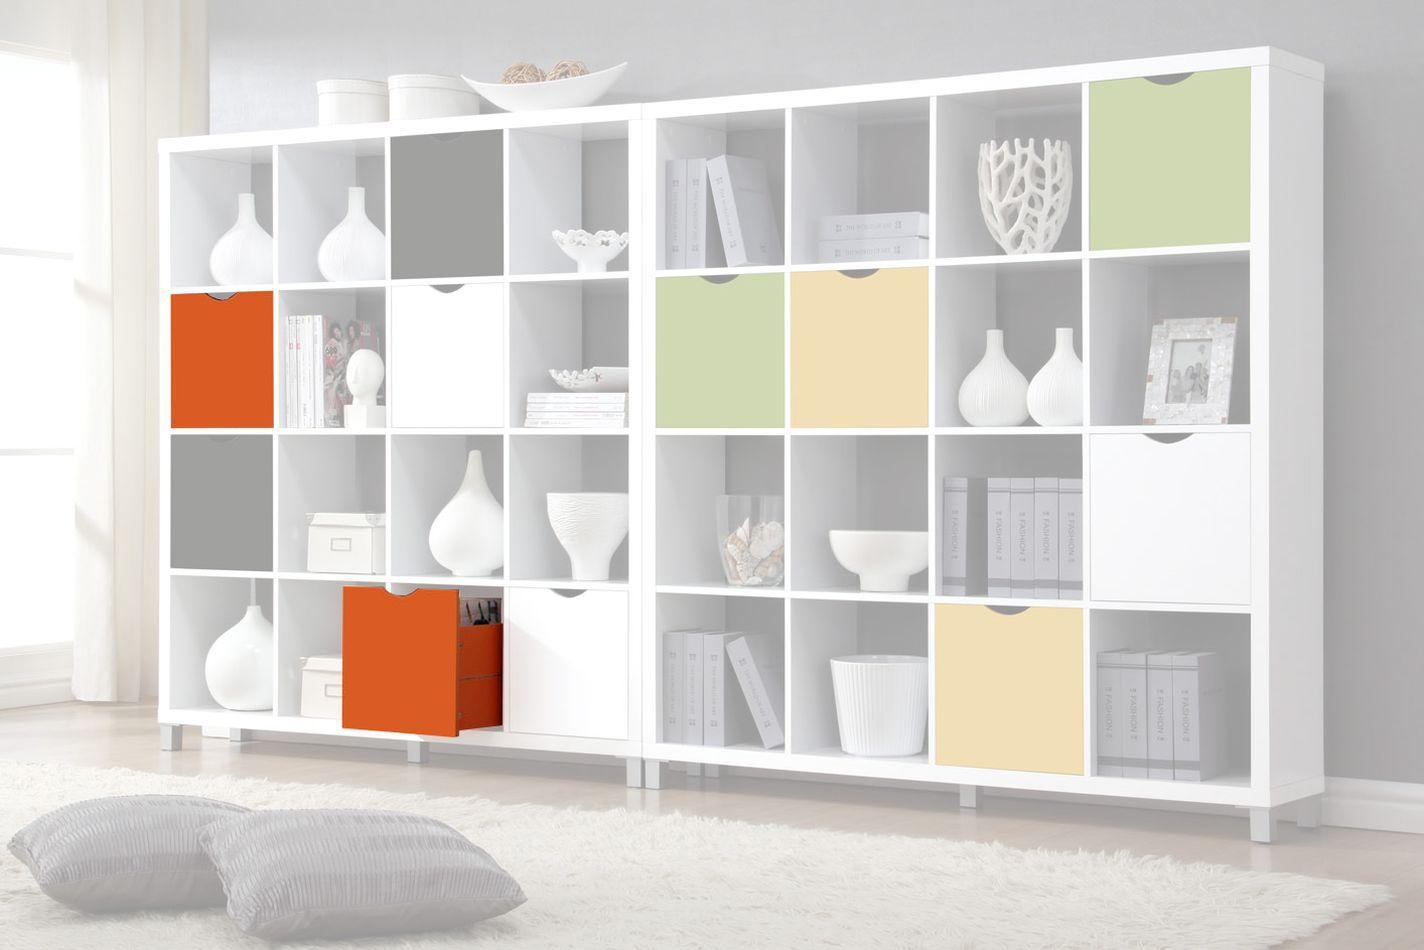 Schublade für Regal Salima, Farbe: Orange - Abmessungen: 33 x 33 x 29 cm (H x B x T)